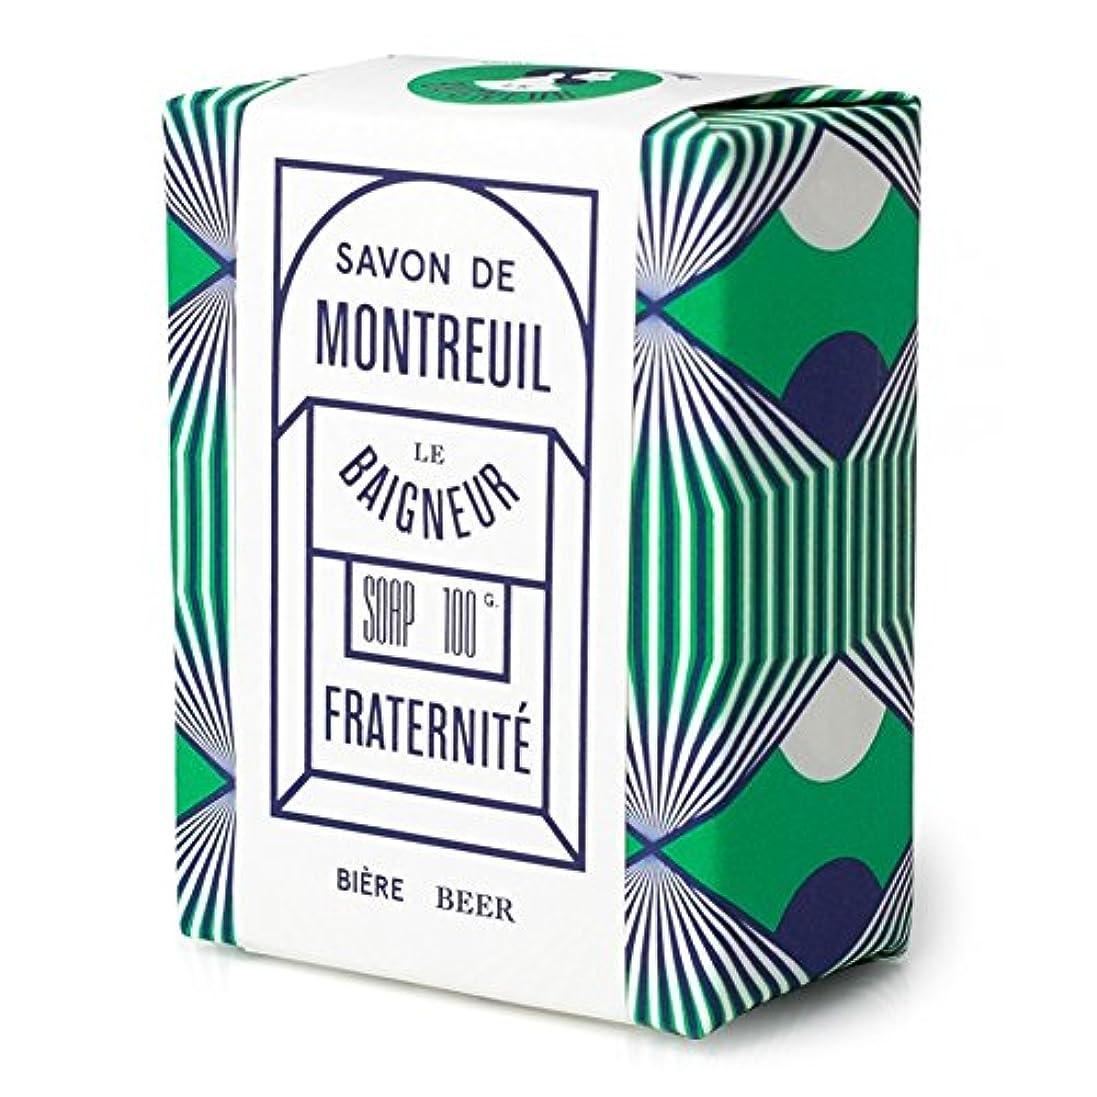 ディスカウント実行する骨の折れるル 石鹸100グラム x2 - Le Baigneur Fraternite Soap 100g (Pack of 2) [並行輸入品]